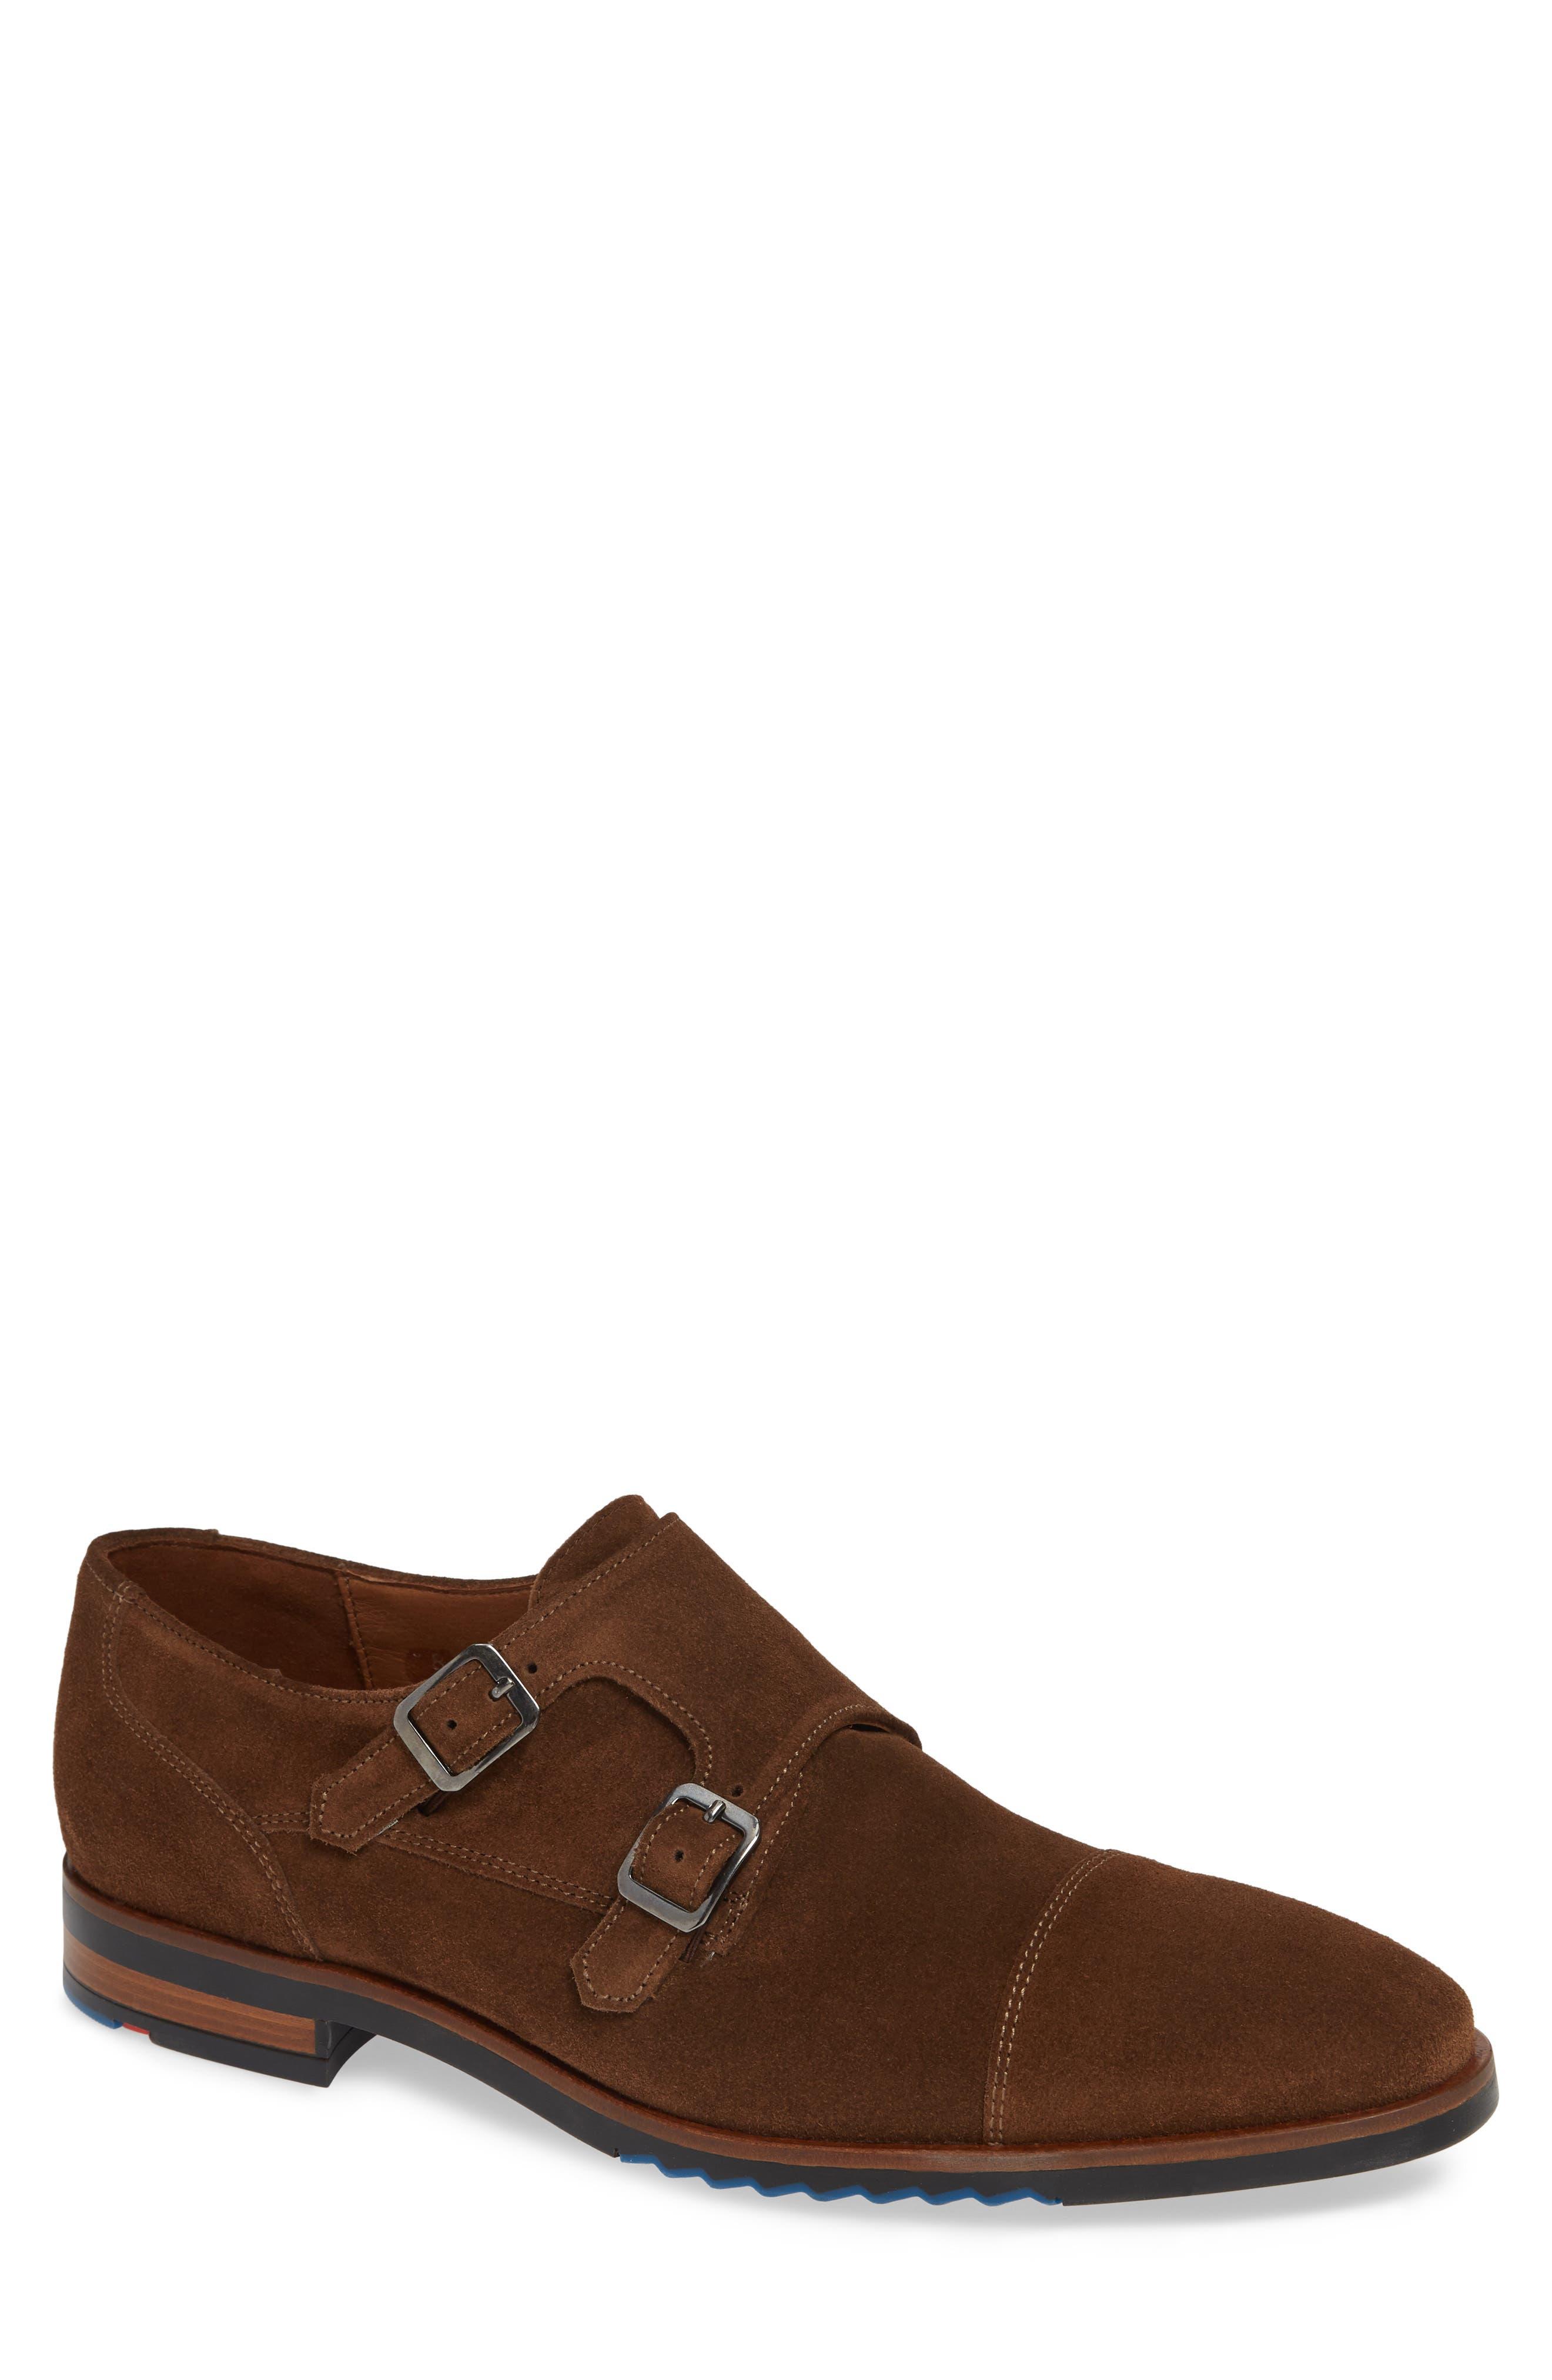 Darrow Double Monk Strap Shoe,                         Main,                         color, CIGAR BROWN SUEDE